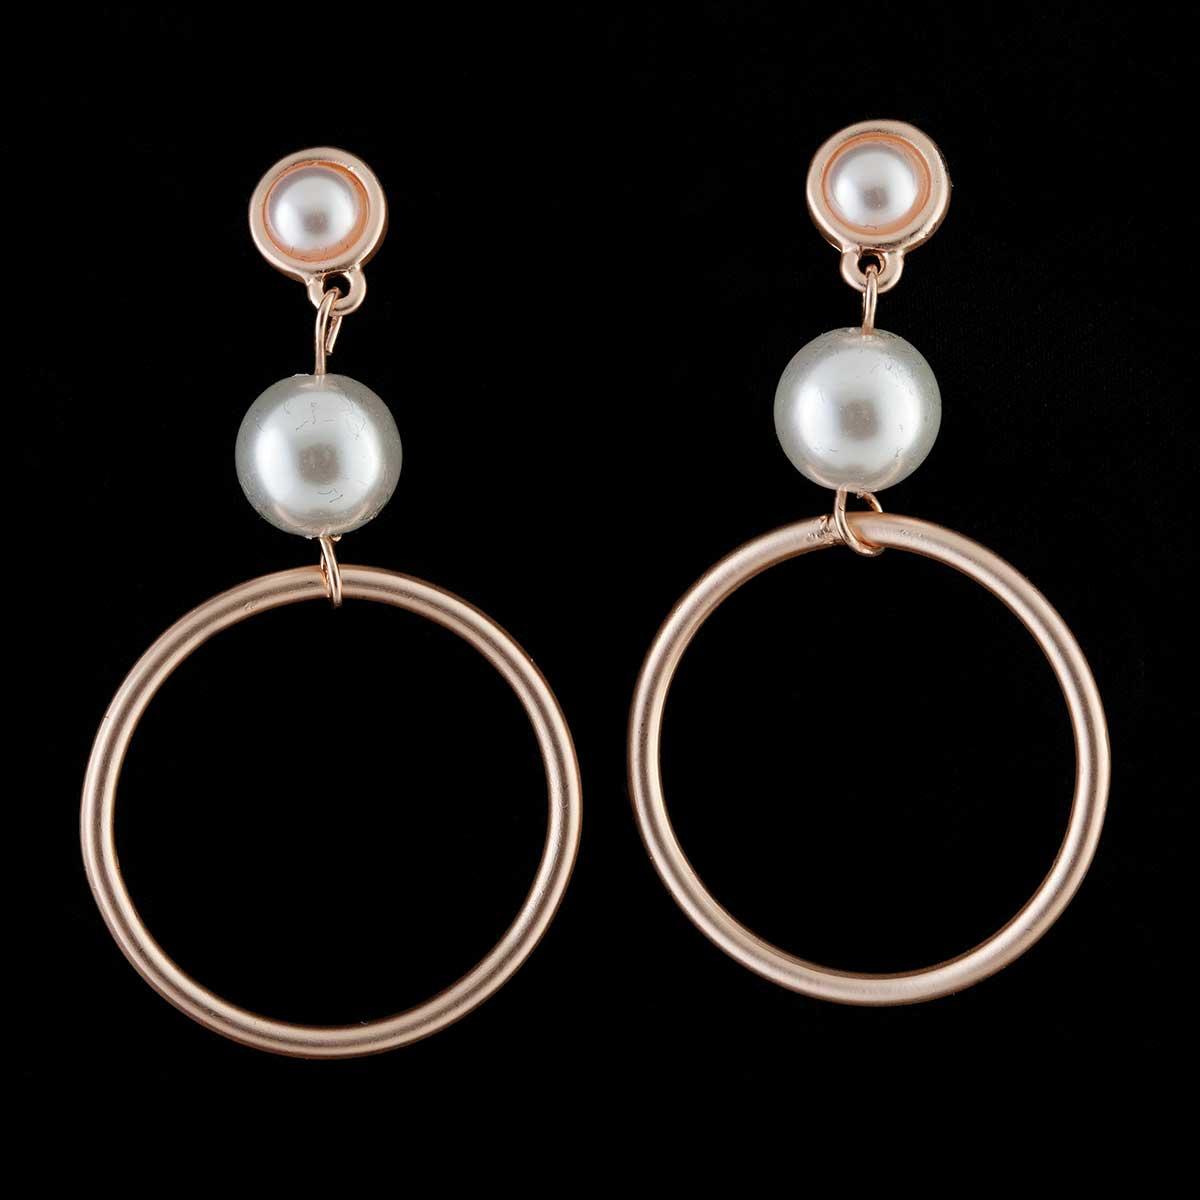 Rose Gold Hoop and Pearl Post Earrings